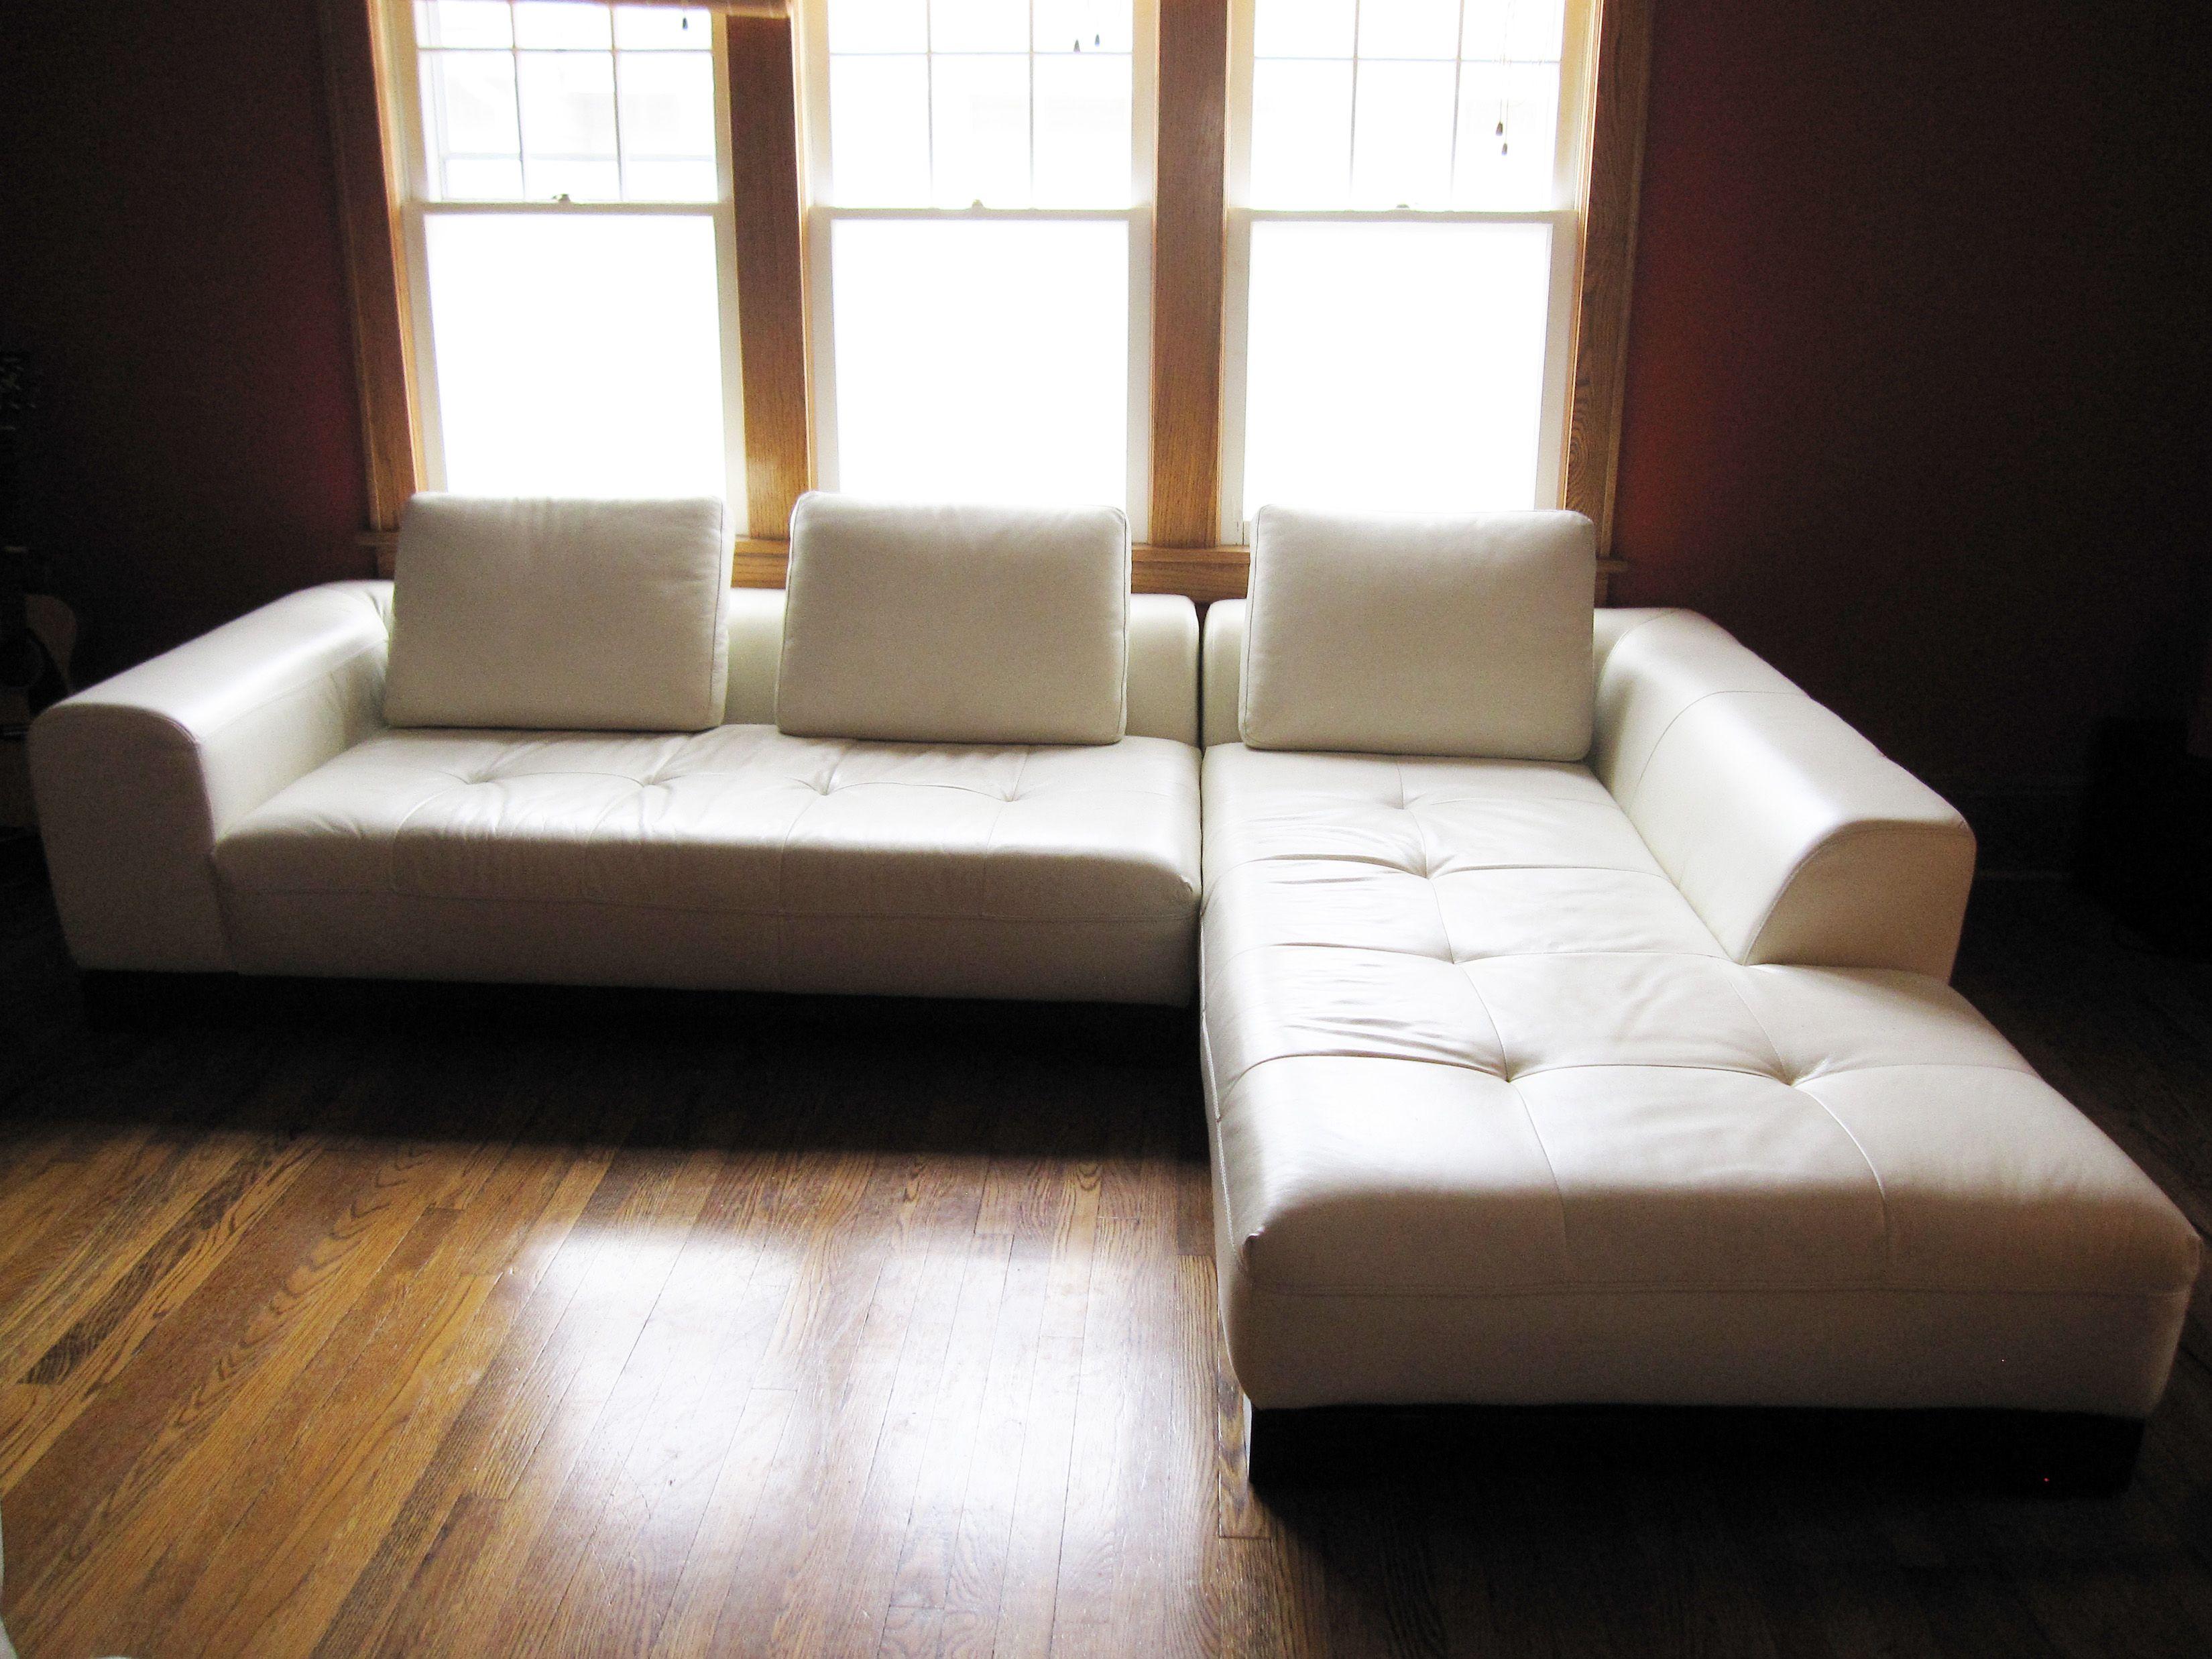 Kleine Couchgarnitur Weiß Sitzer Sofa Gebraucht Leder Couch Helle